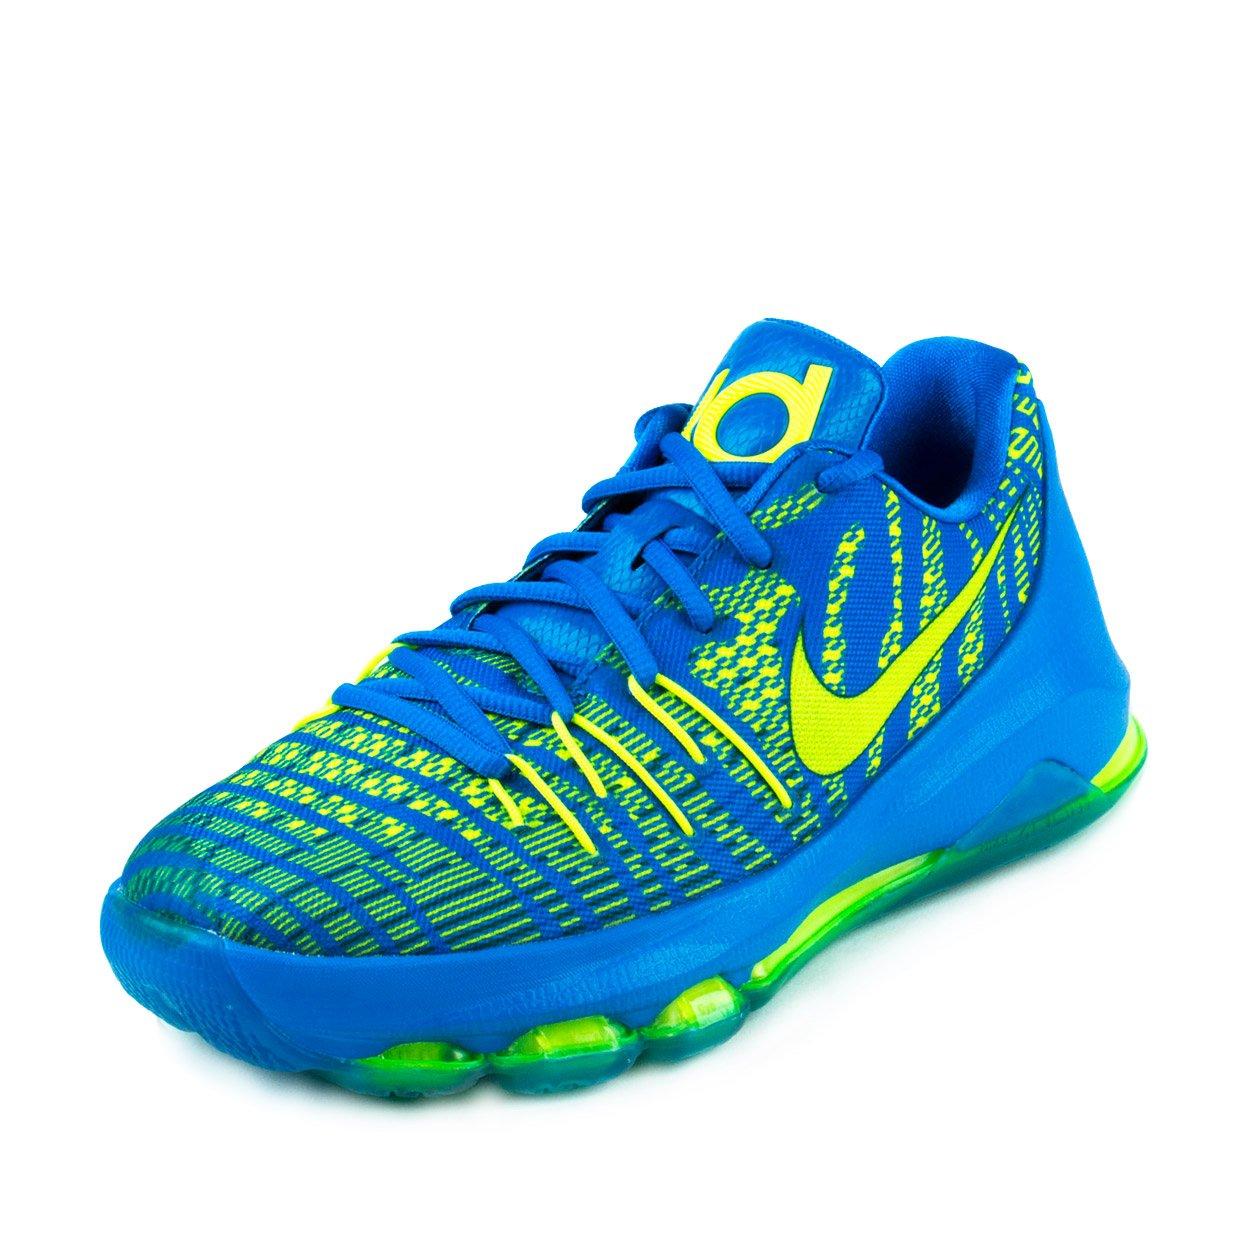 Nike Kids KD 8 (GS) Hyper Cobalt/Volt/Dp Ryl Blue Running Shoe 6 Kids US by NIKE